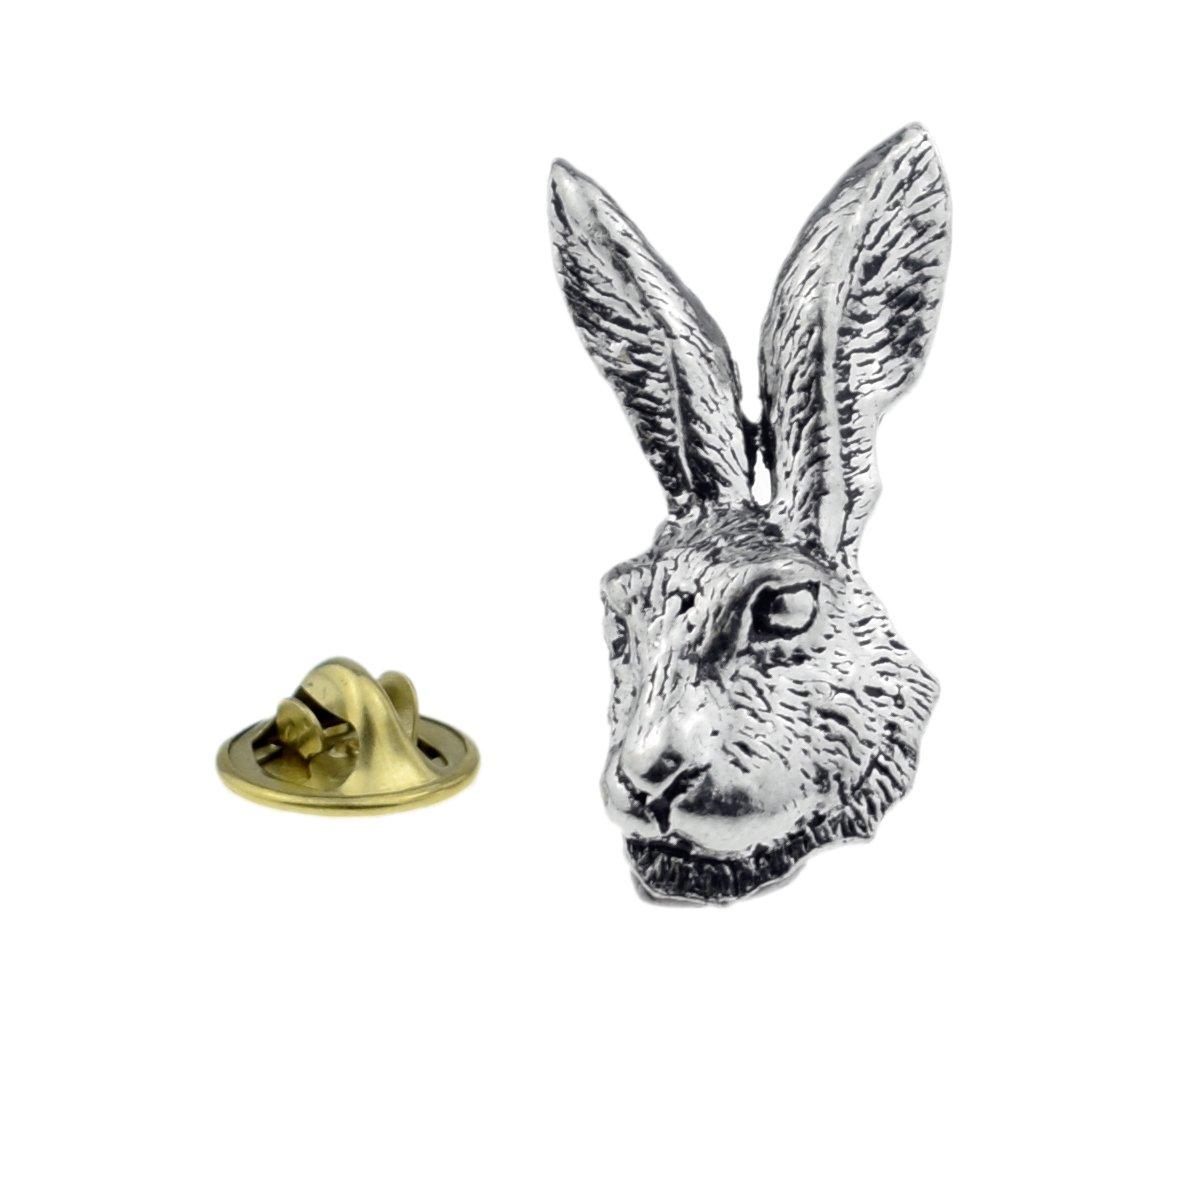 Rabbit Pewter Lapel Pin Badge